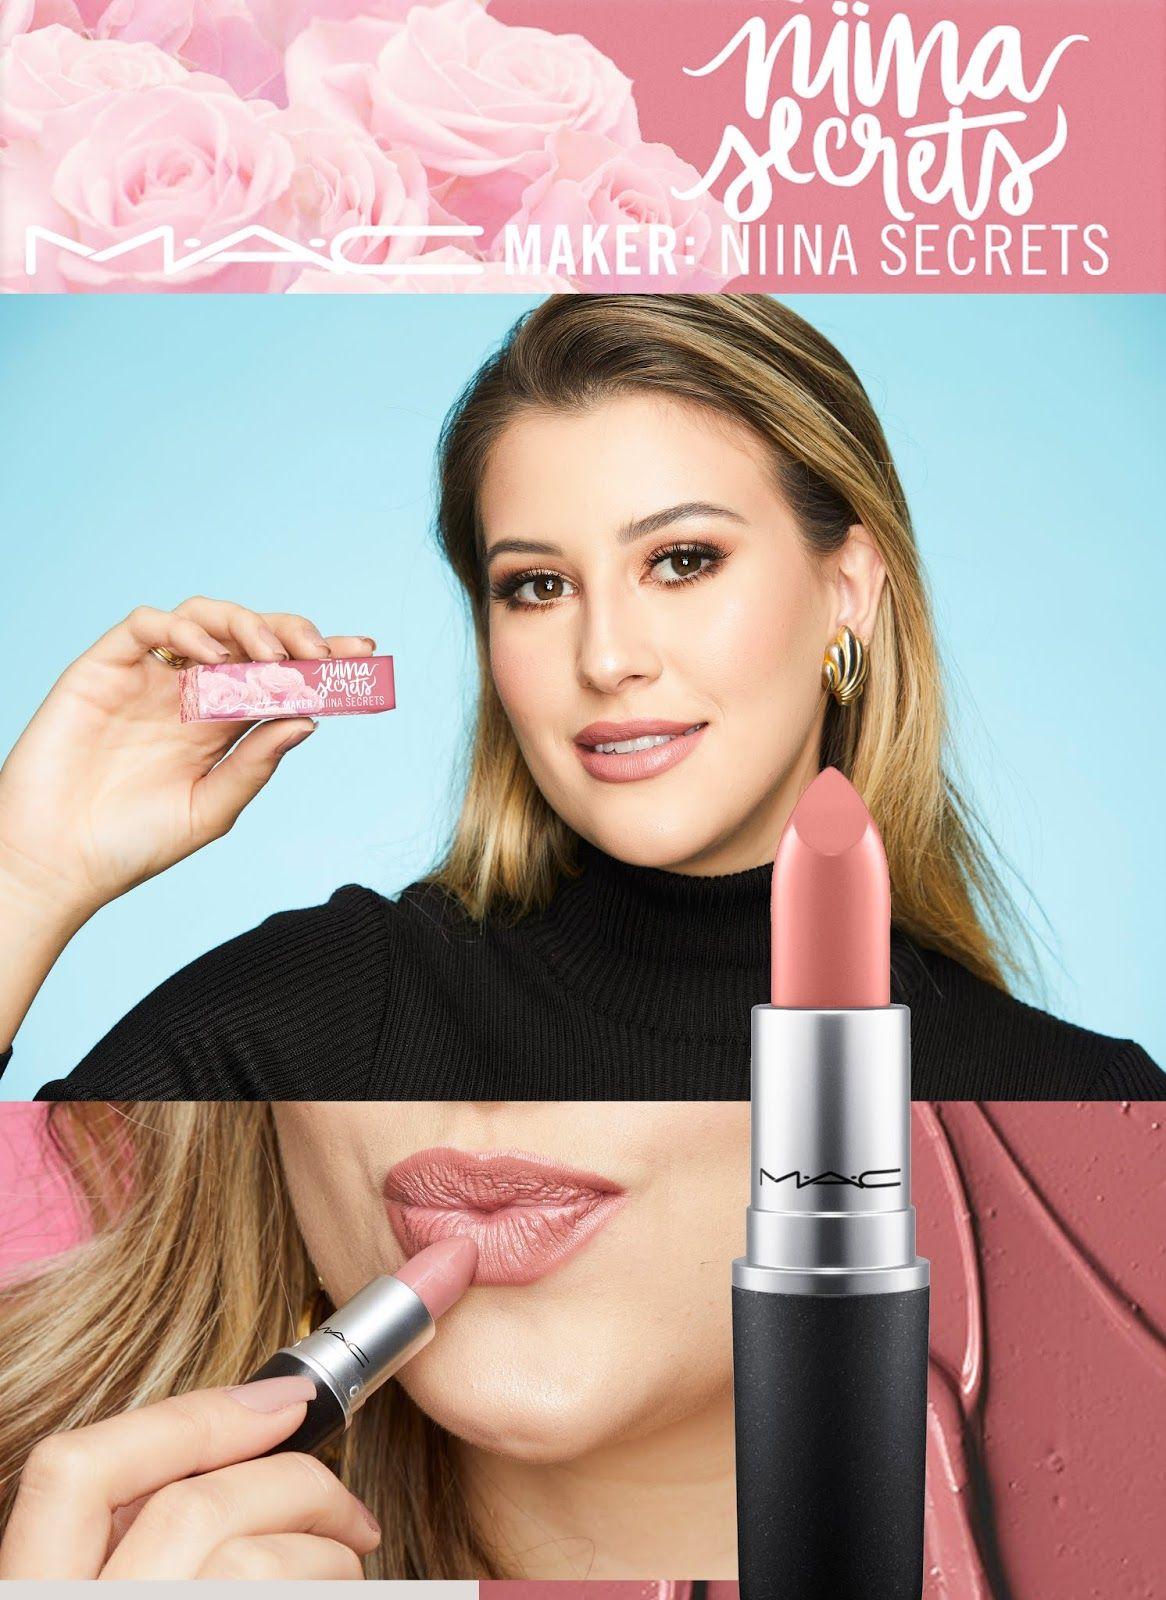 554ff9a2fb5 M.A.C Cosmetics e Niina Secrets anunciam data de lançamento do batom em  parceria com a influenciadora